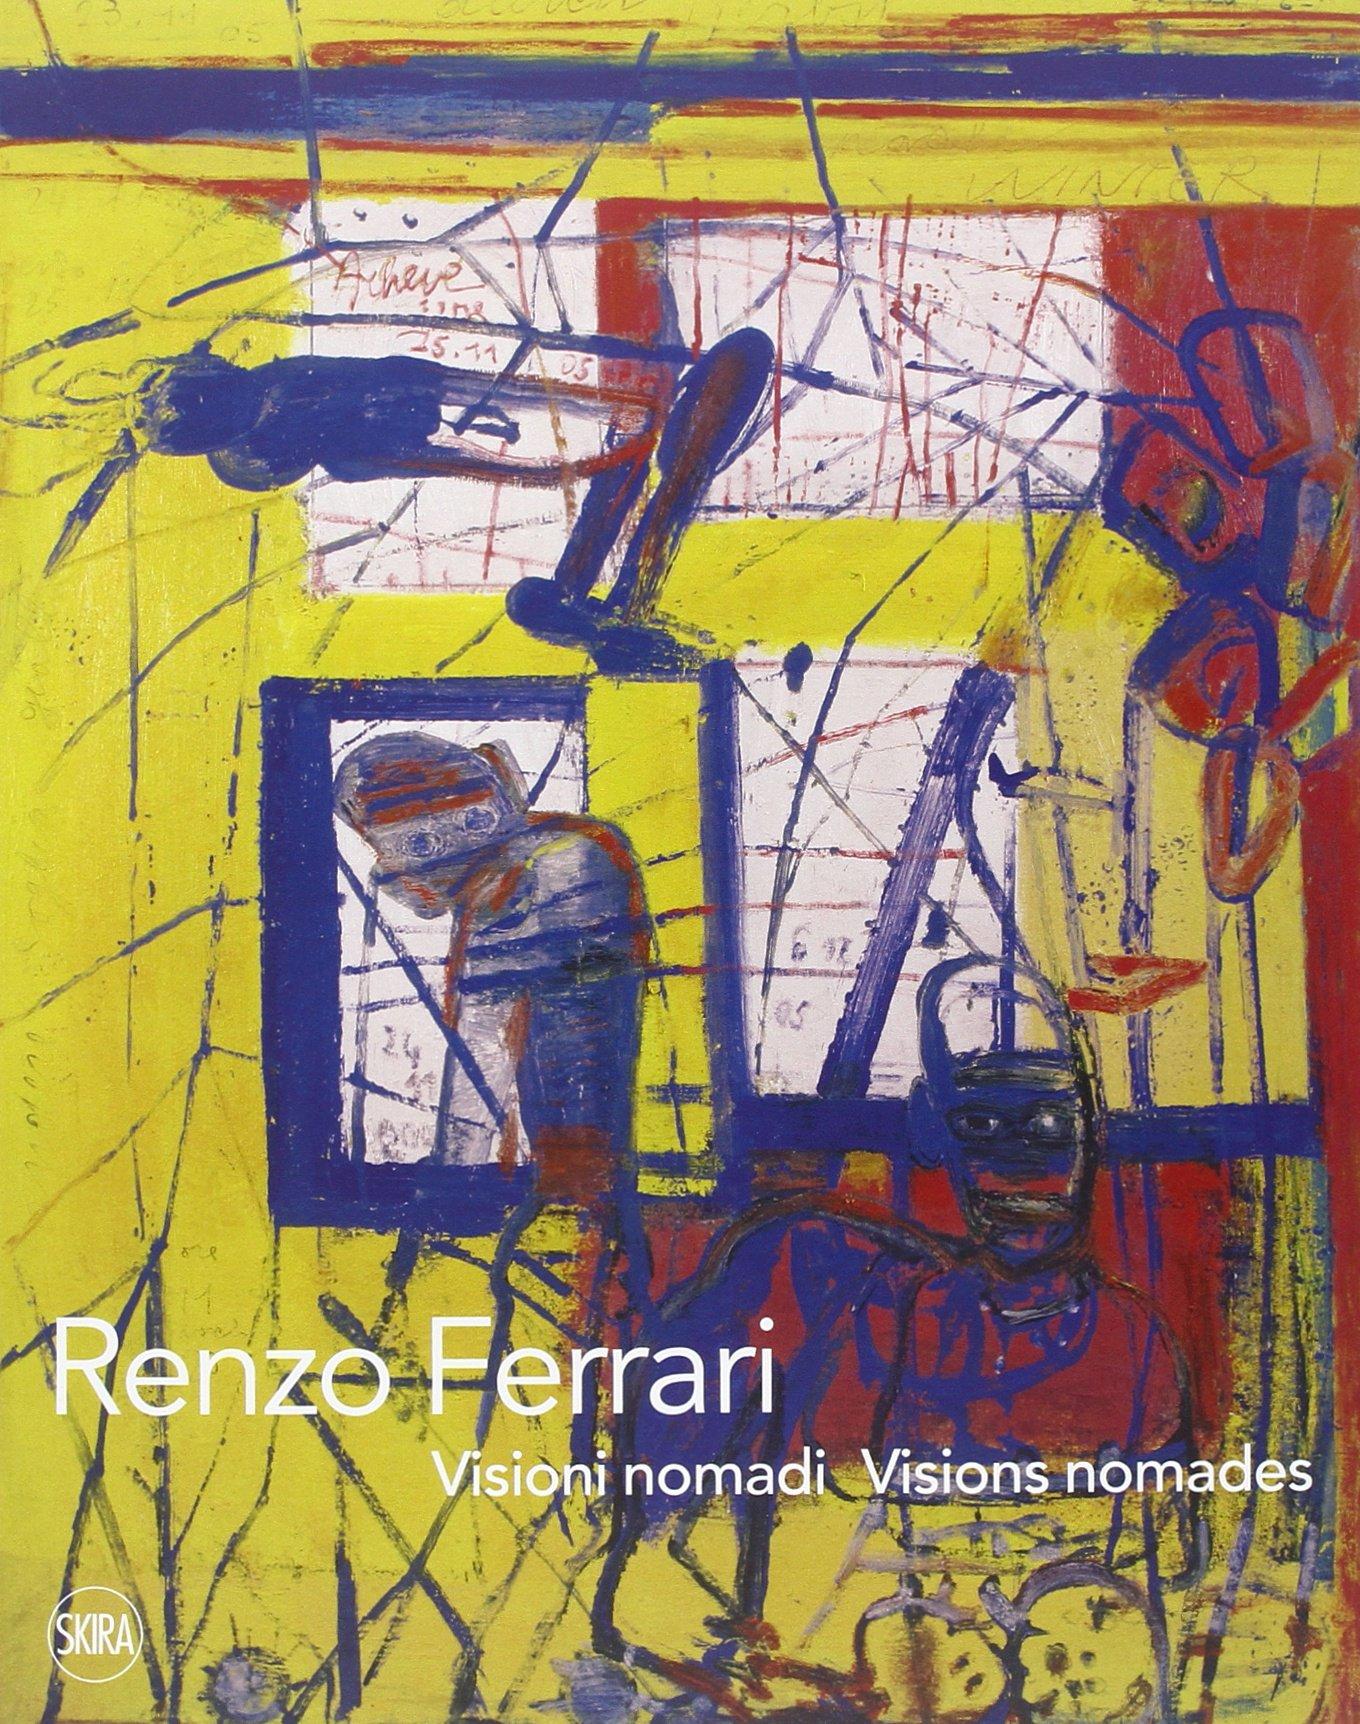 Renzo Ferrari